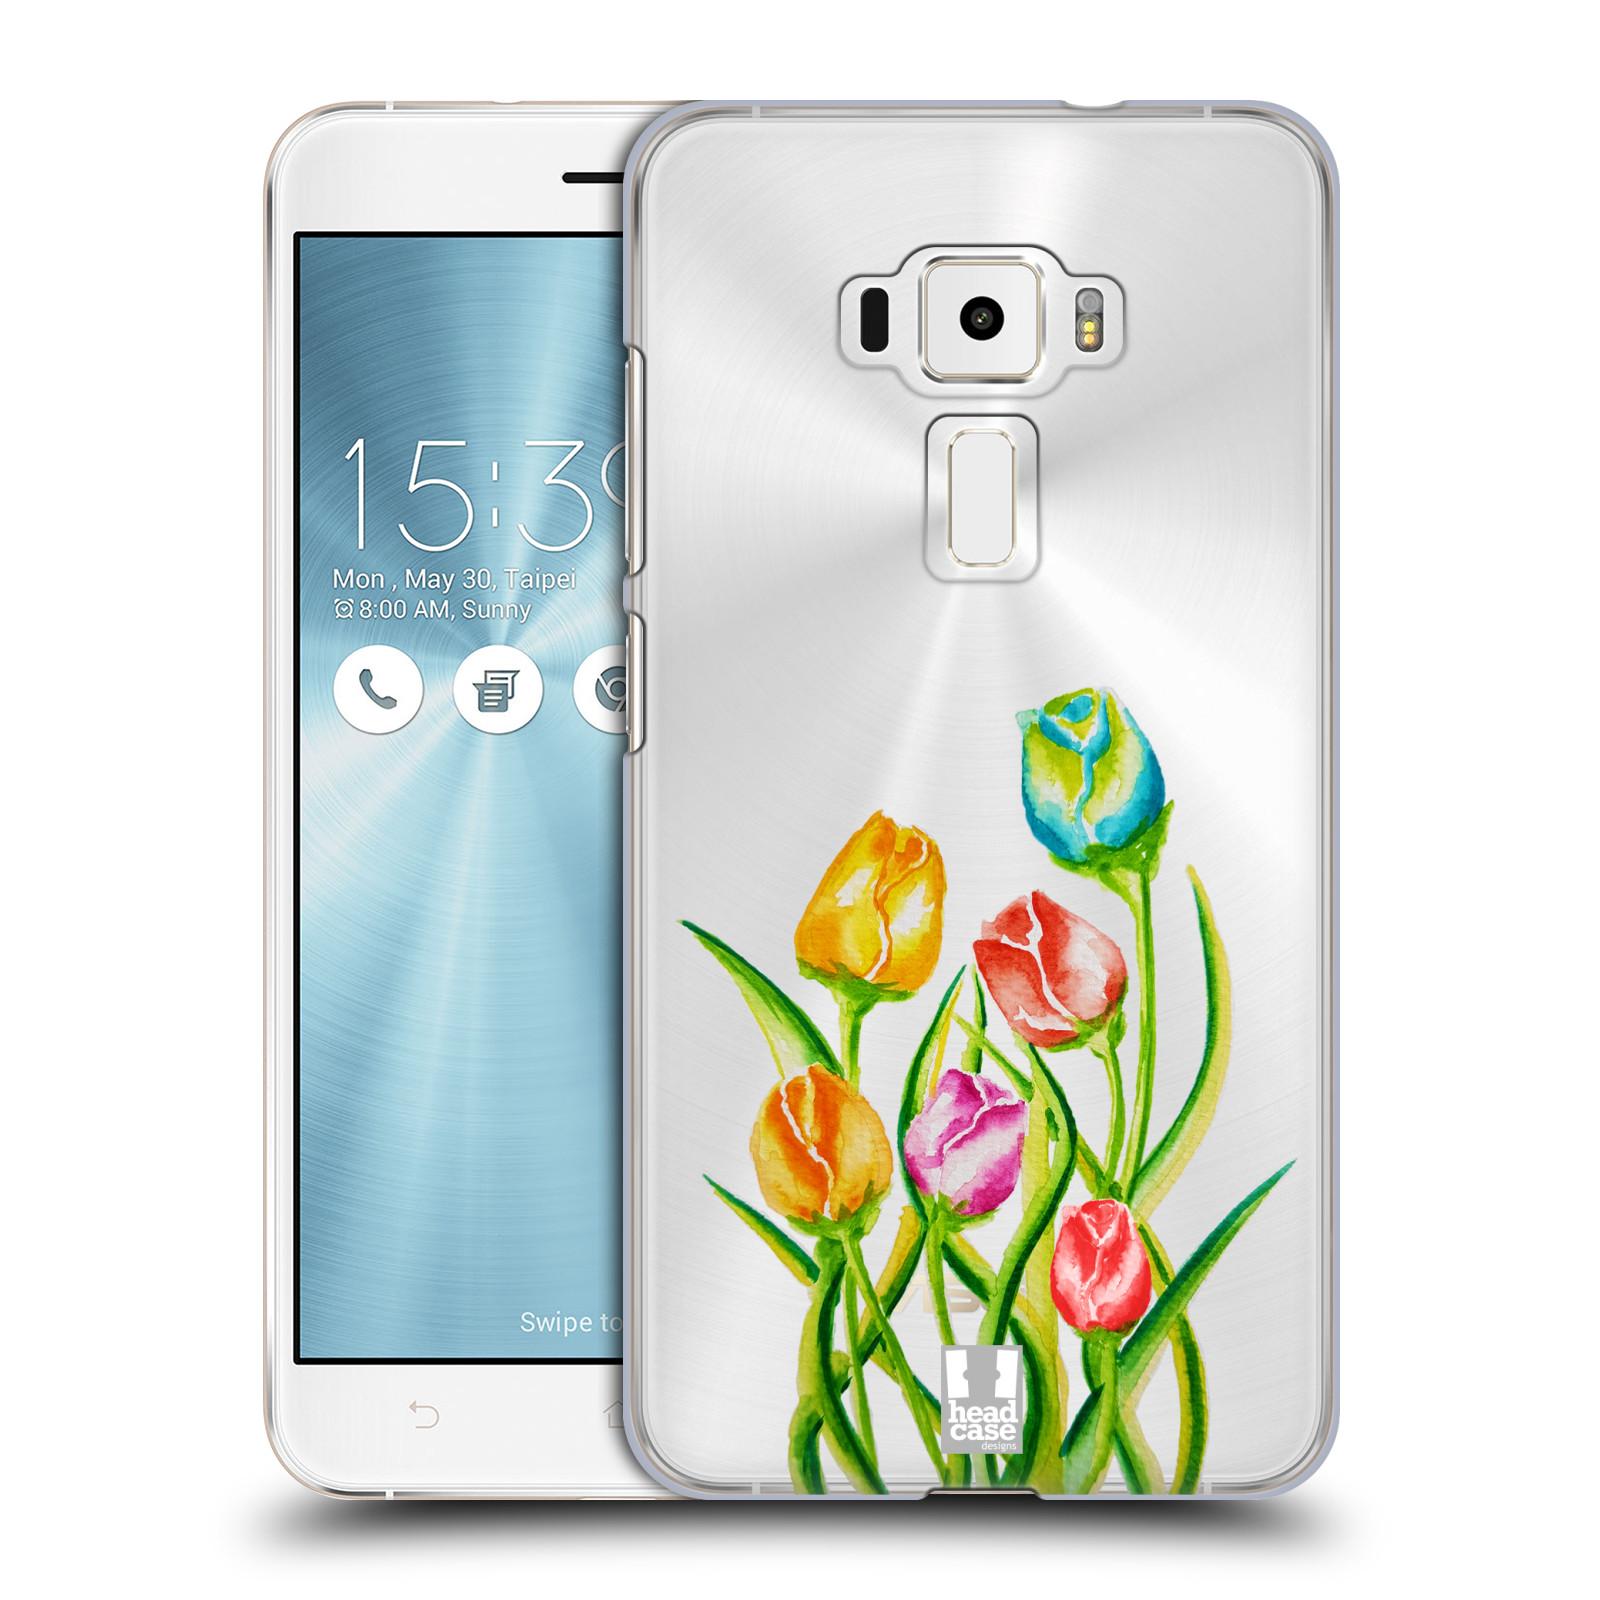 HEAD CASE plastový obal na mobil Asus Zenfone 3 ZE552KL Květina Tulipán vodní barvy